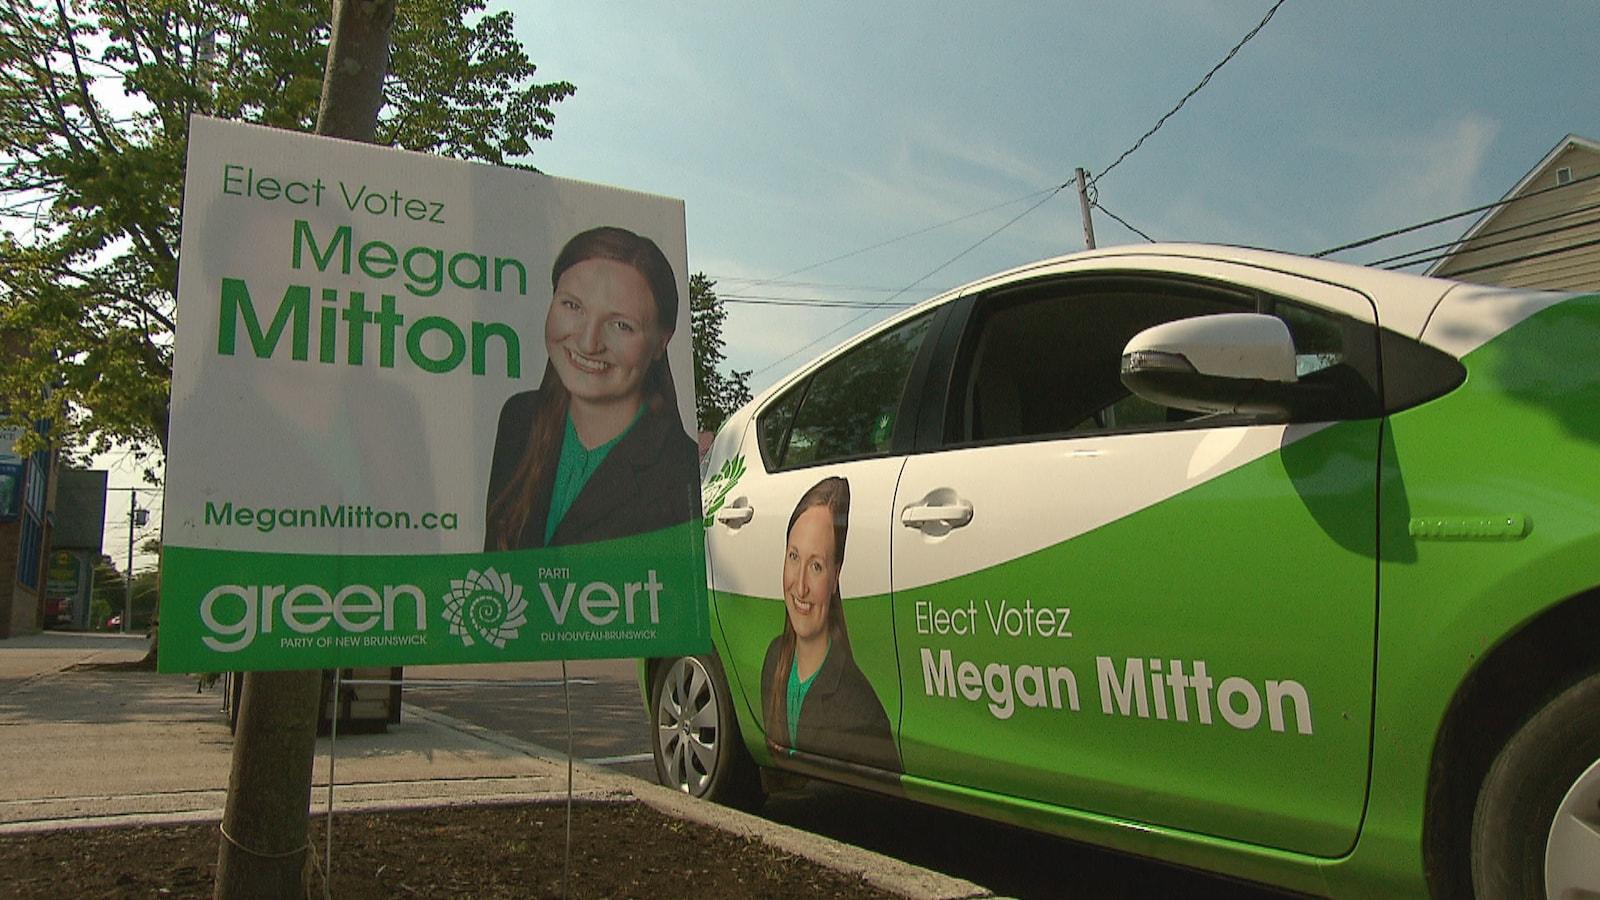 La voiture de Megan Mitton ainsi qu'une affiche électorale.